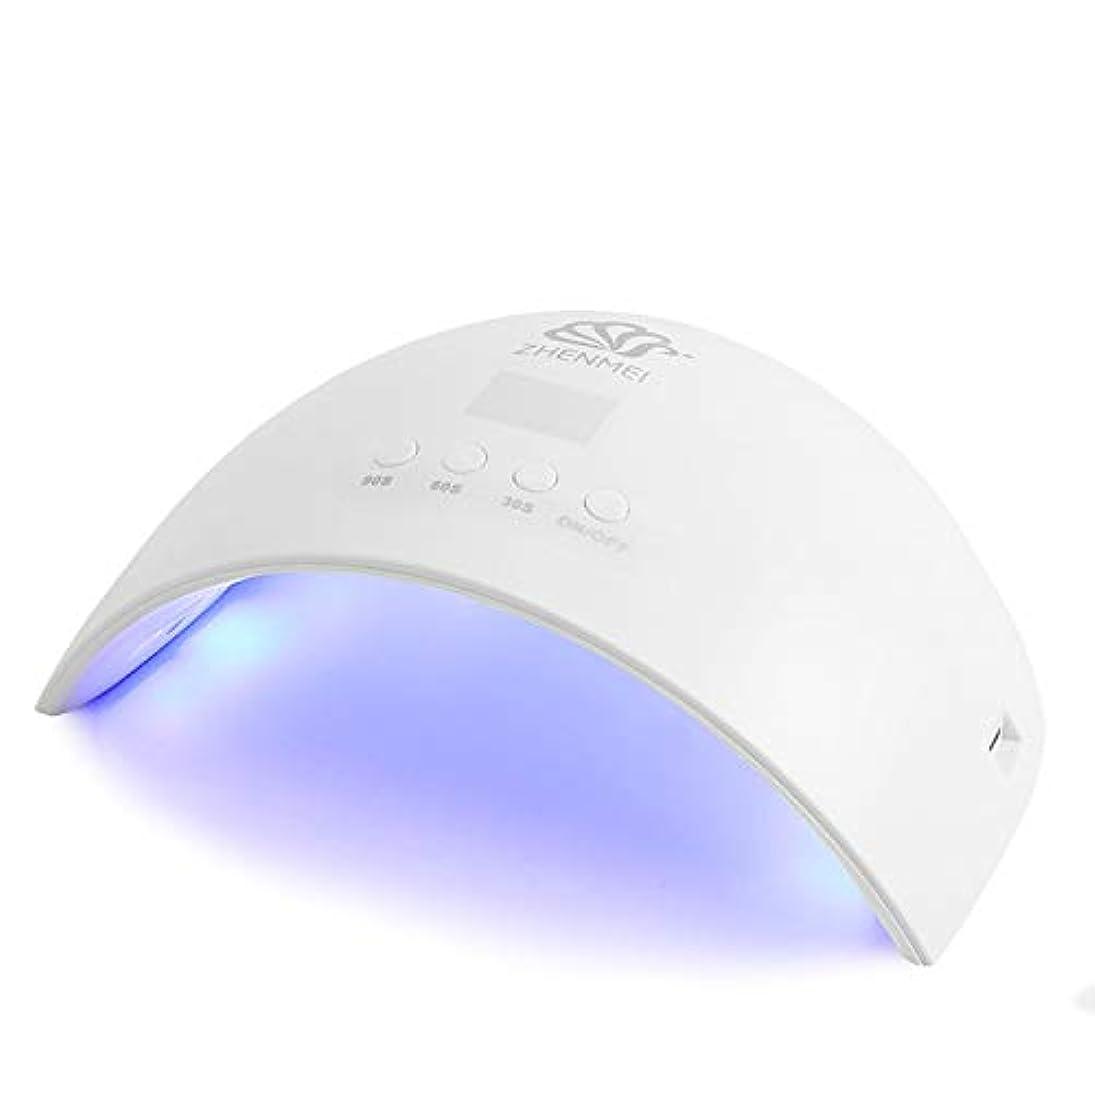 思慮深い時期尚早孤独LEDインジケータ24W 12デュアル光源UV + LED、自動検知、4タイマー設定30/60 / 90S / 99S、プロネイルライトUV LEDネイルライト家庭用ネイル/プロ用